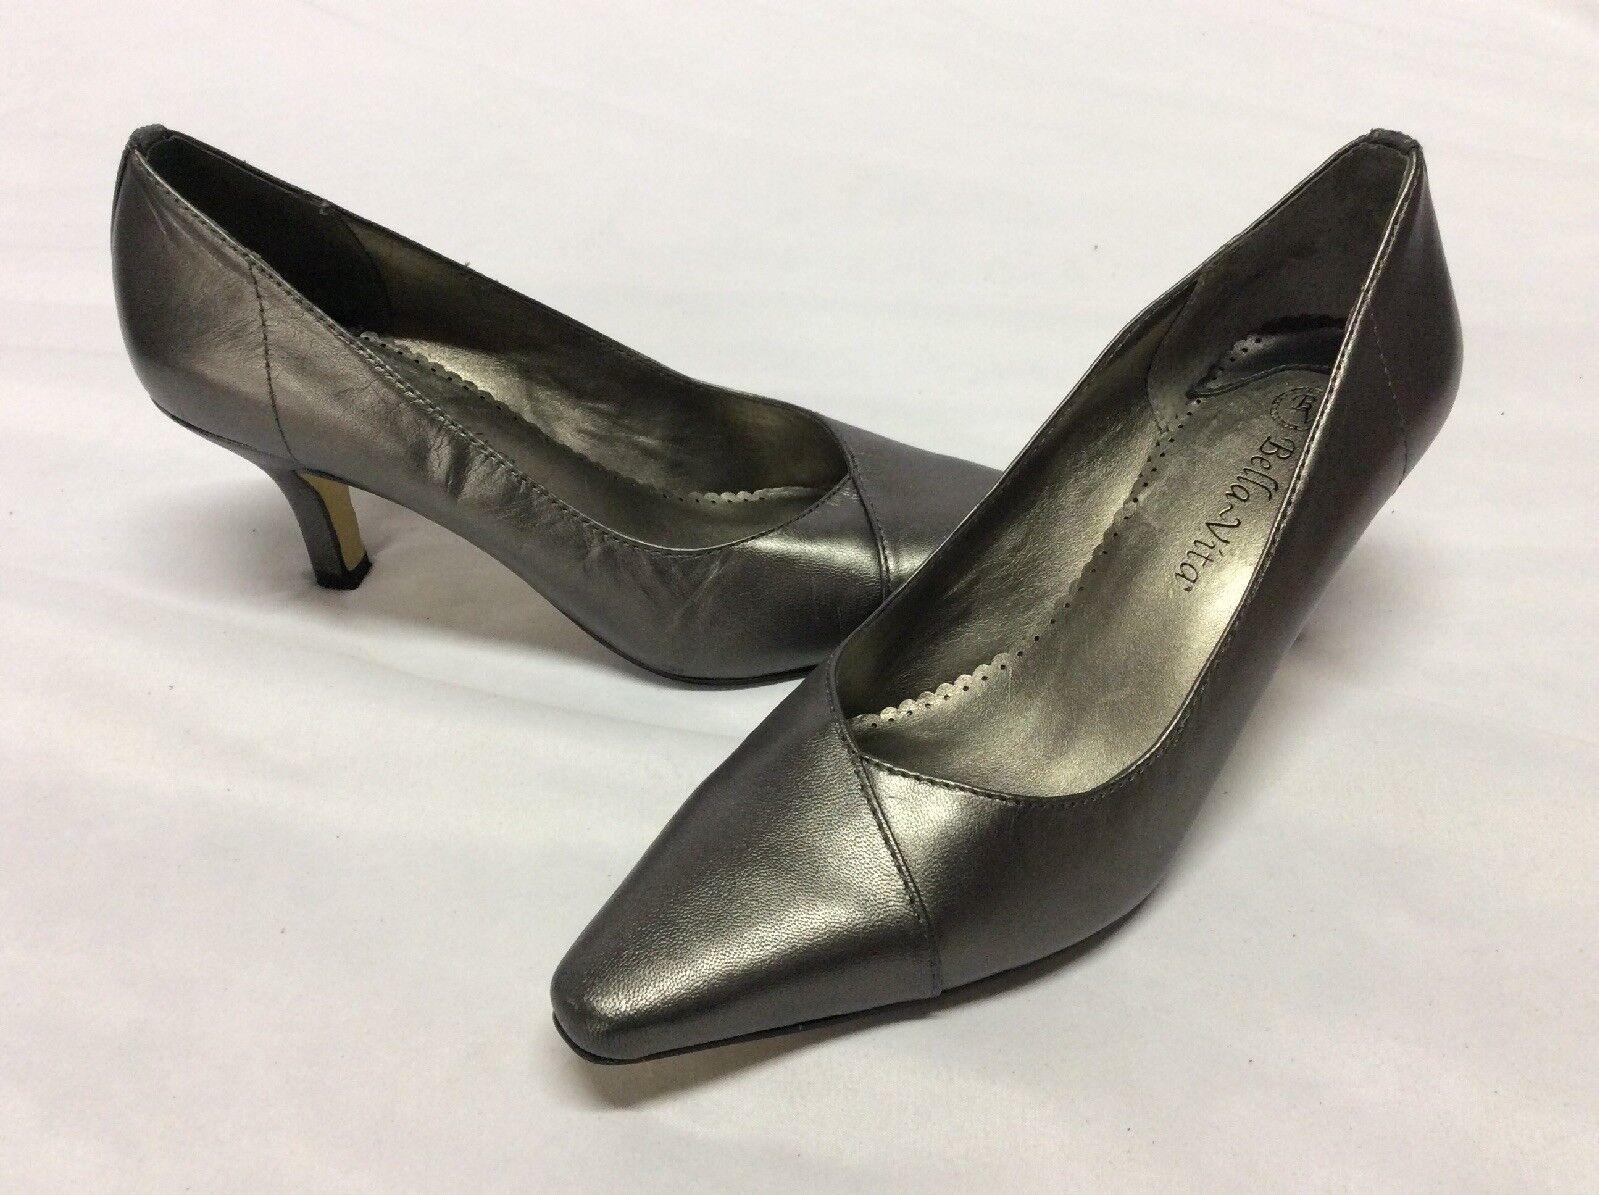 Bella Vita damen Pumps schuhe,Bridal,Retail  110 Silber, Größe 8 N ...WD1